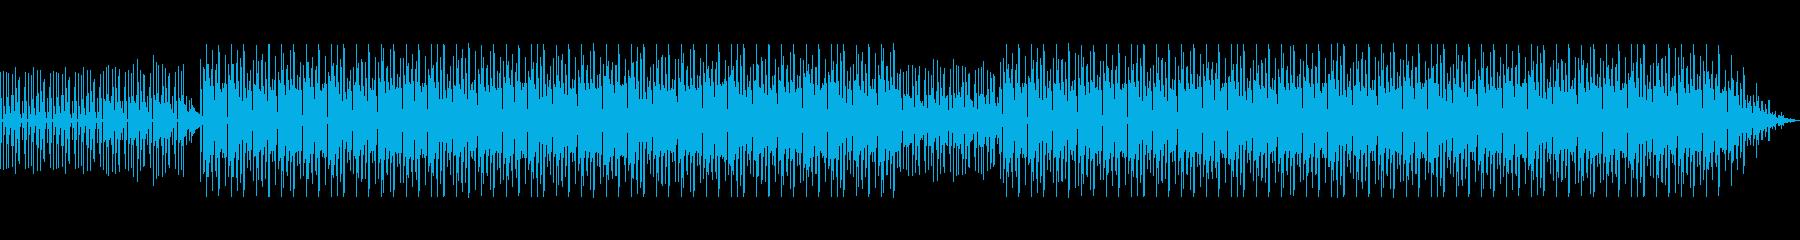 ゆったりとしたChill Hip-Hopの再生済みの波形